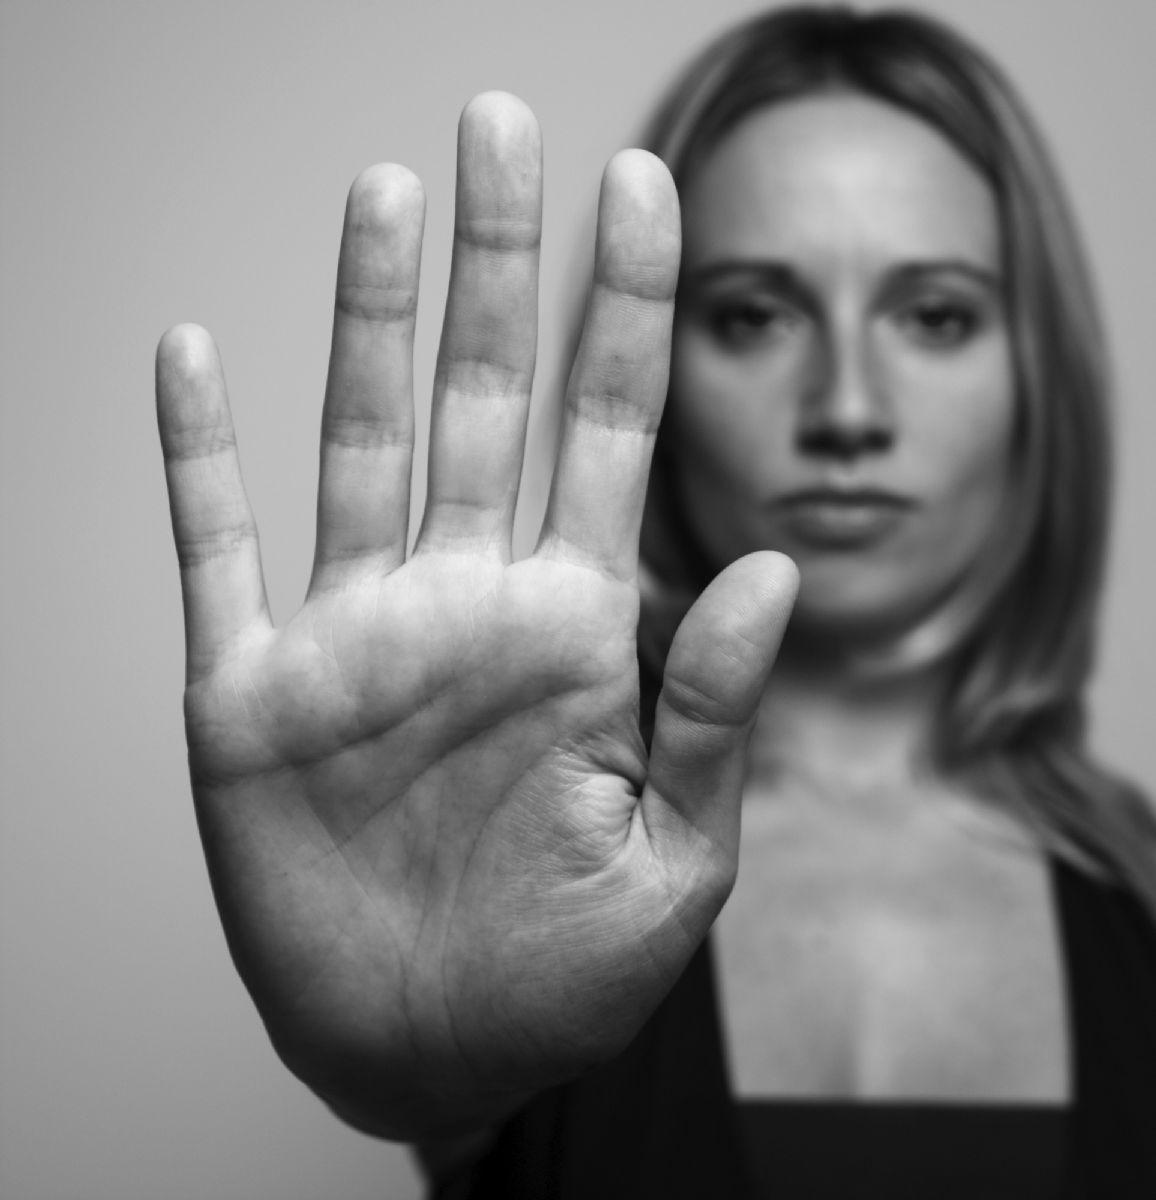 Nasce a Pineto l'associazione Il Nastro Rosa contro la violenza di genere e sui bambini